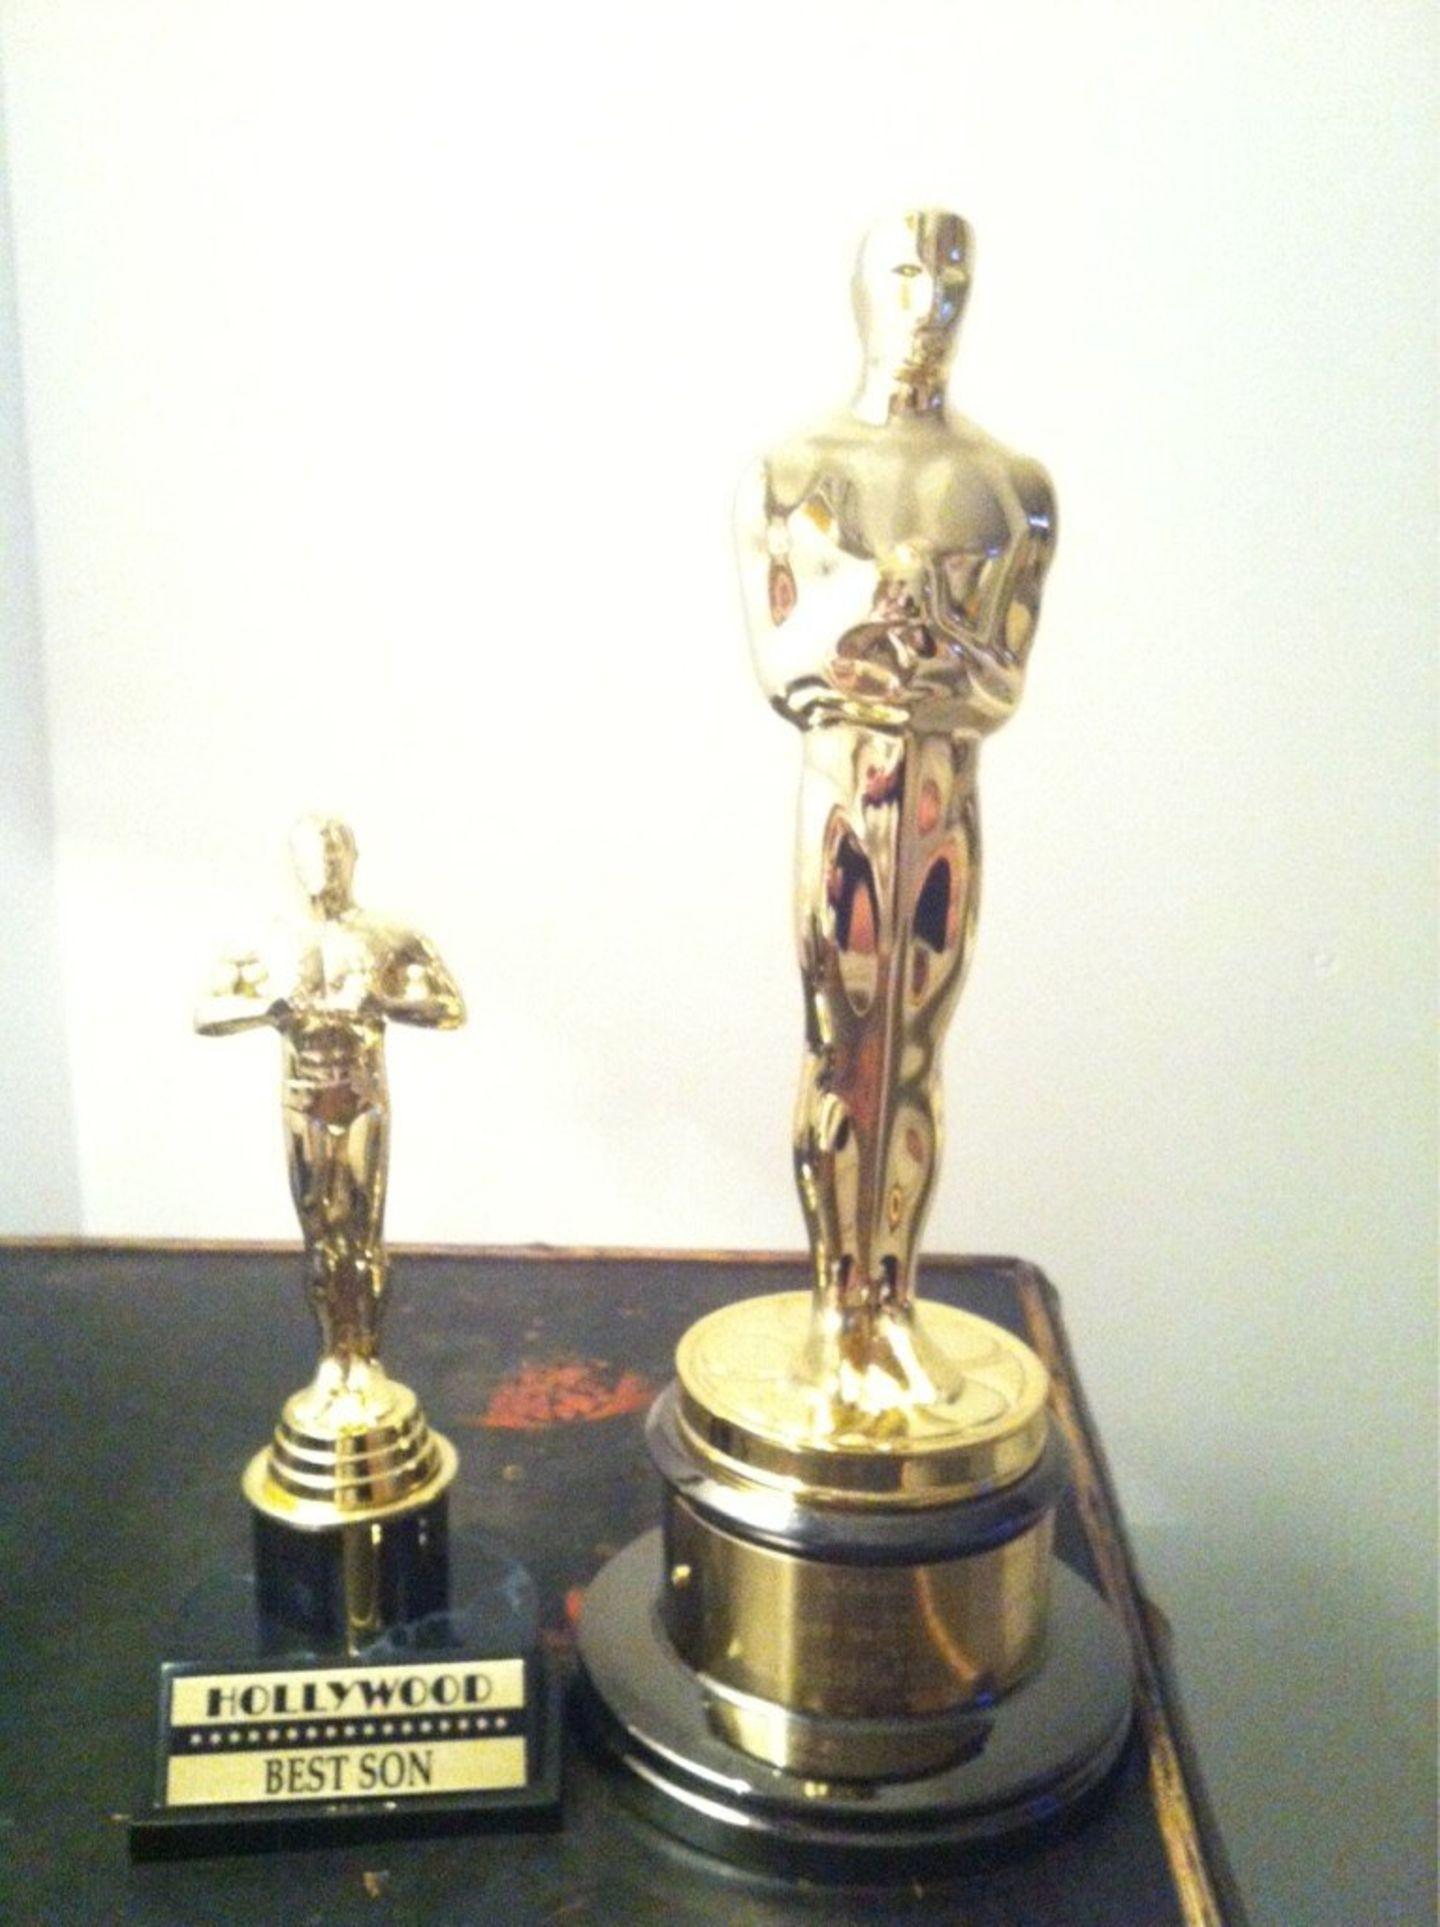 """Adele hat für den """"Bond""""-Song """"Skyfall"""" einen Oscar bekommen. Auf Twitter postete sie stolz ein Foto davon - und stellte neben den Award einen Preis mit der Aufschrift """"Bester Sohn"""". Auch in Dankesreden erwähnte Adele ihr vier Monate altes Kind immer wieder."""